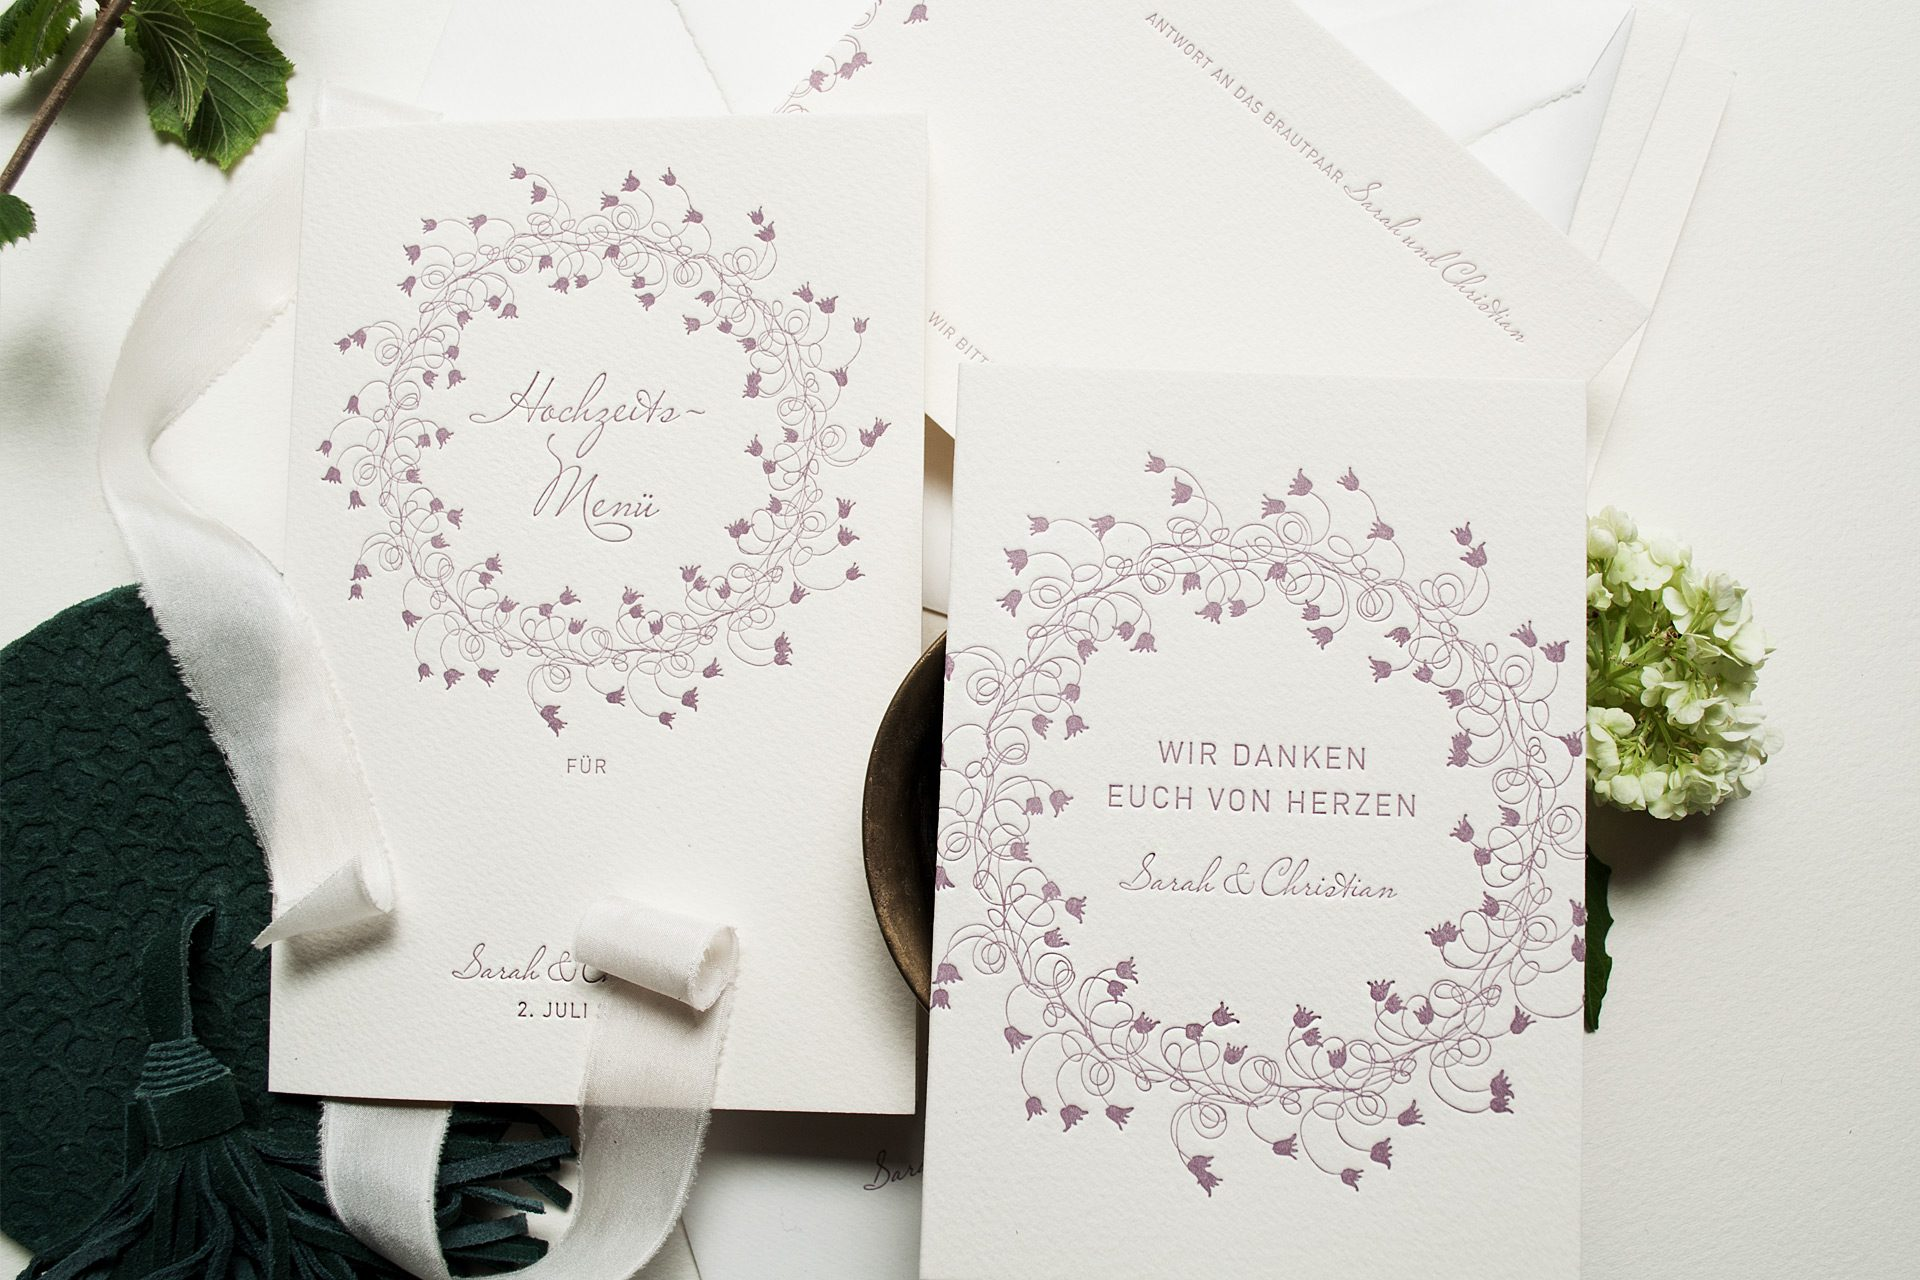 Hochzeitsmenue und Dankeskarte zur Hochzeit im Design Midsommer Letterpress druck auf Büttenpapier in Ivory